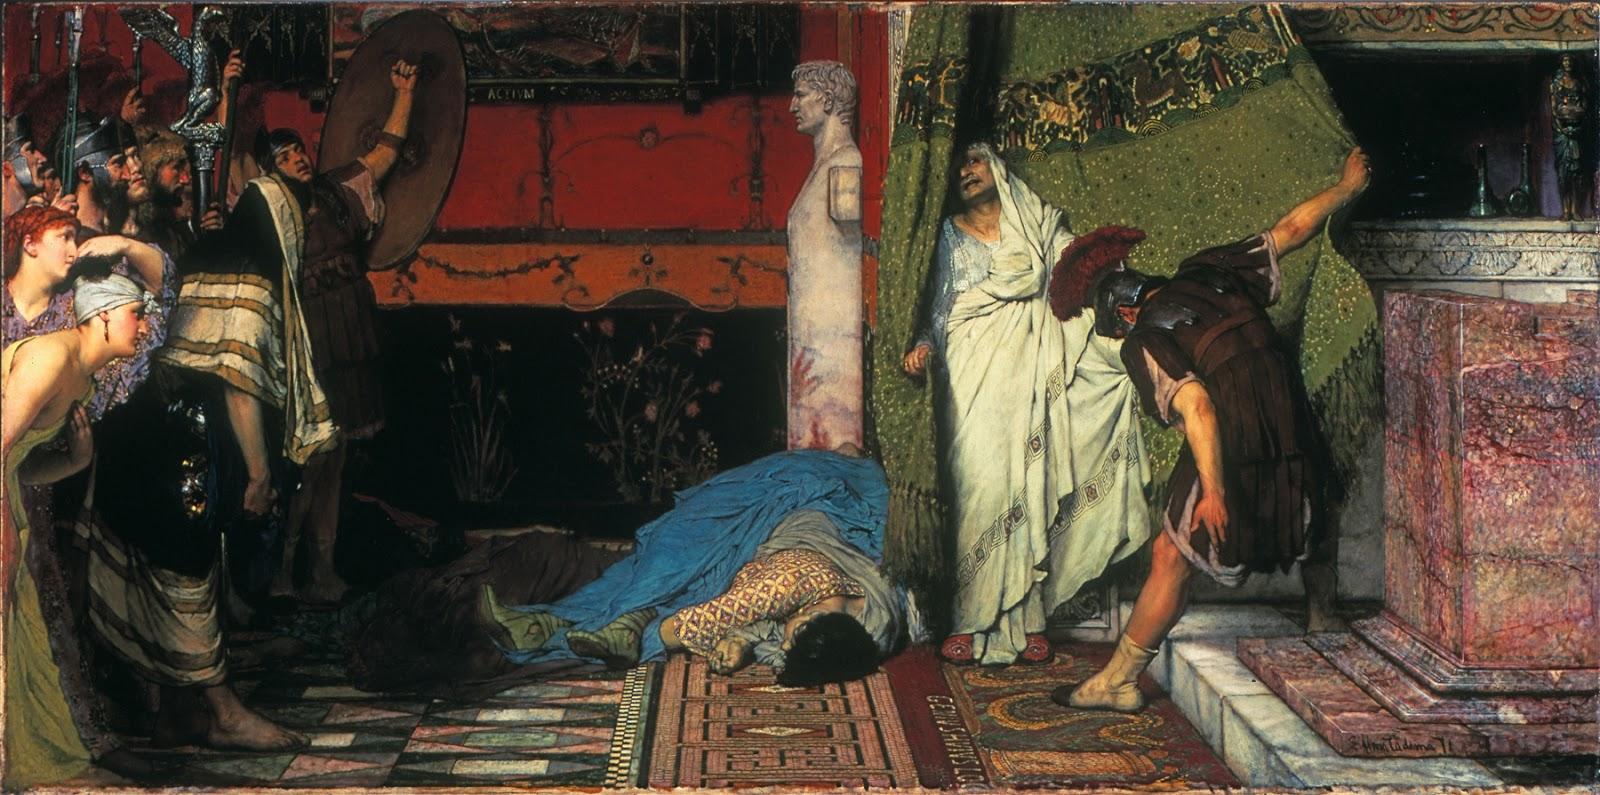 sir_lawrence_alma-tadema_ra_om_-_a_roman_emperor_claudius_-_walters_37165